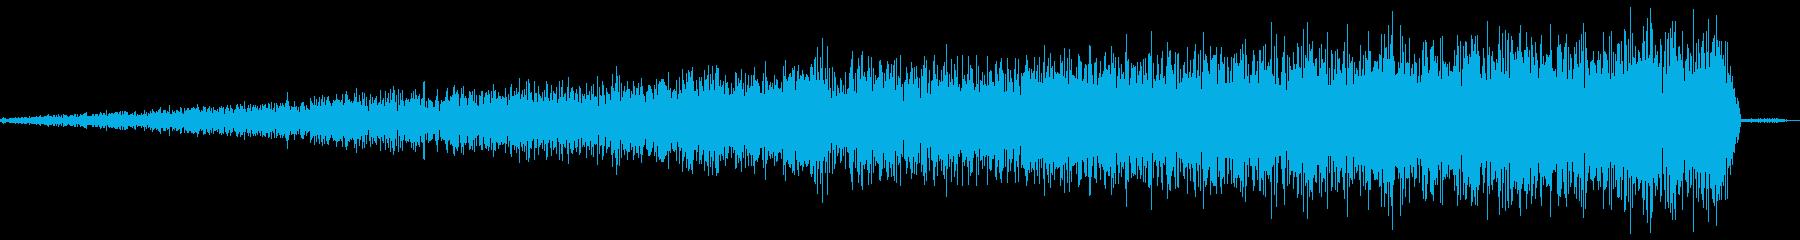 「シャーーー」の再生済みの波形